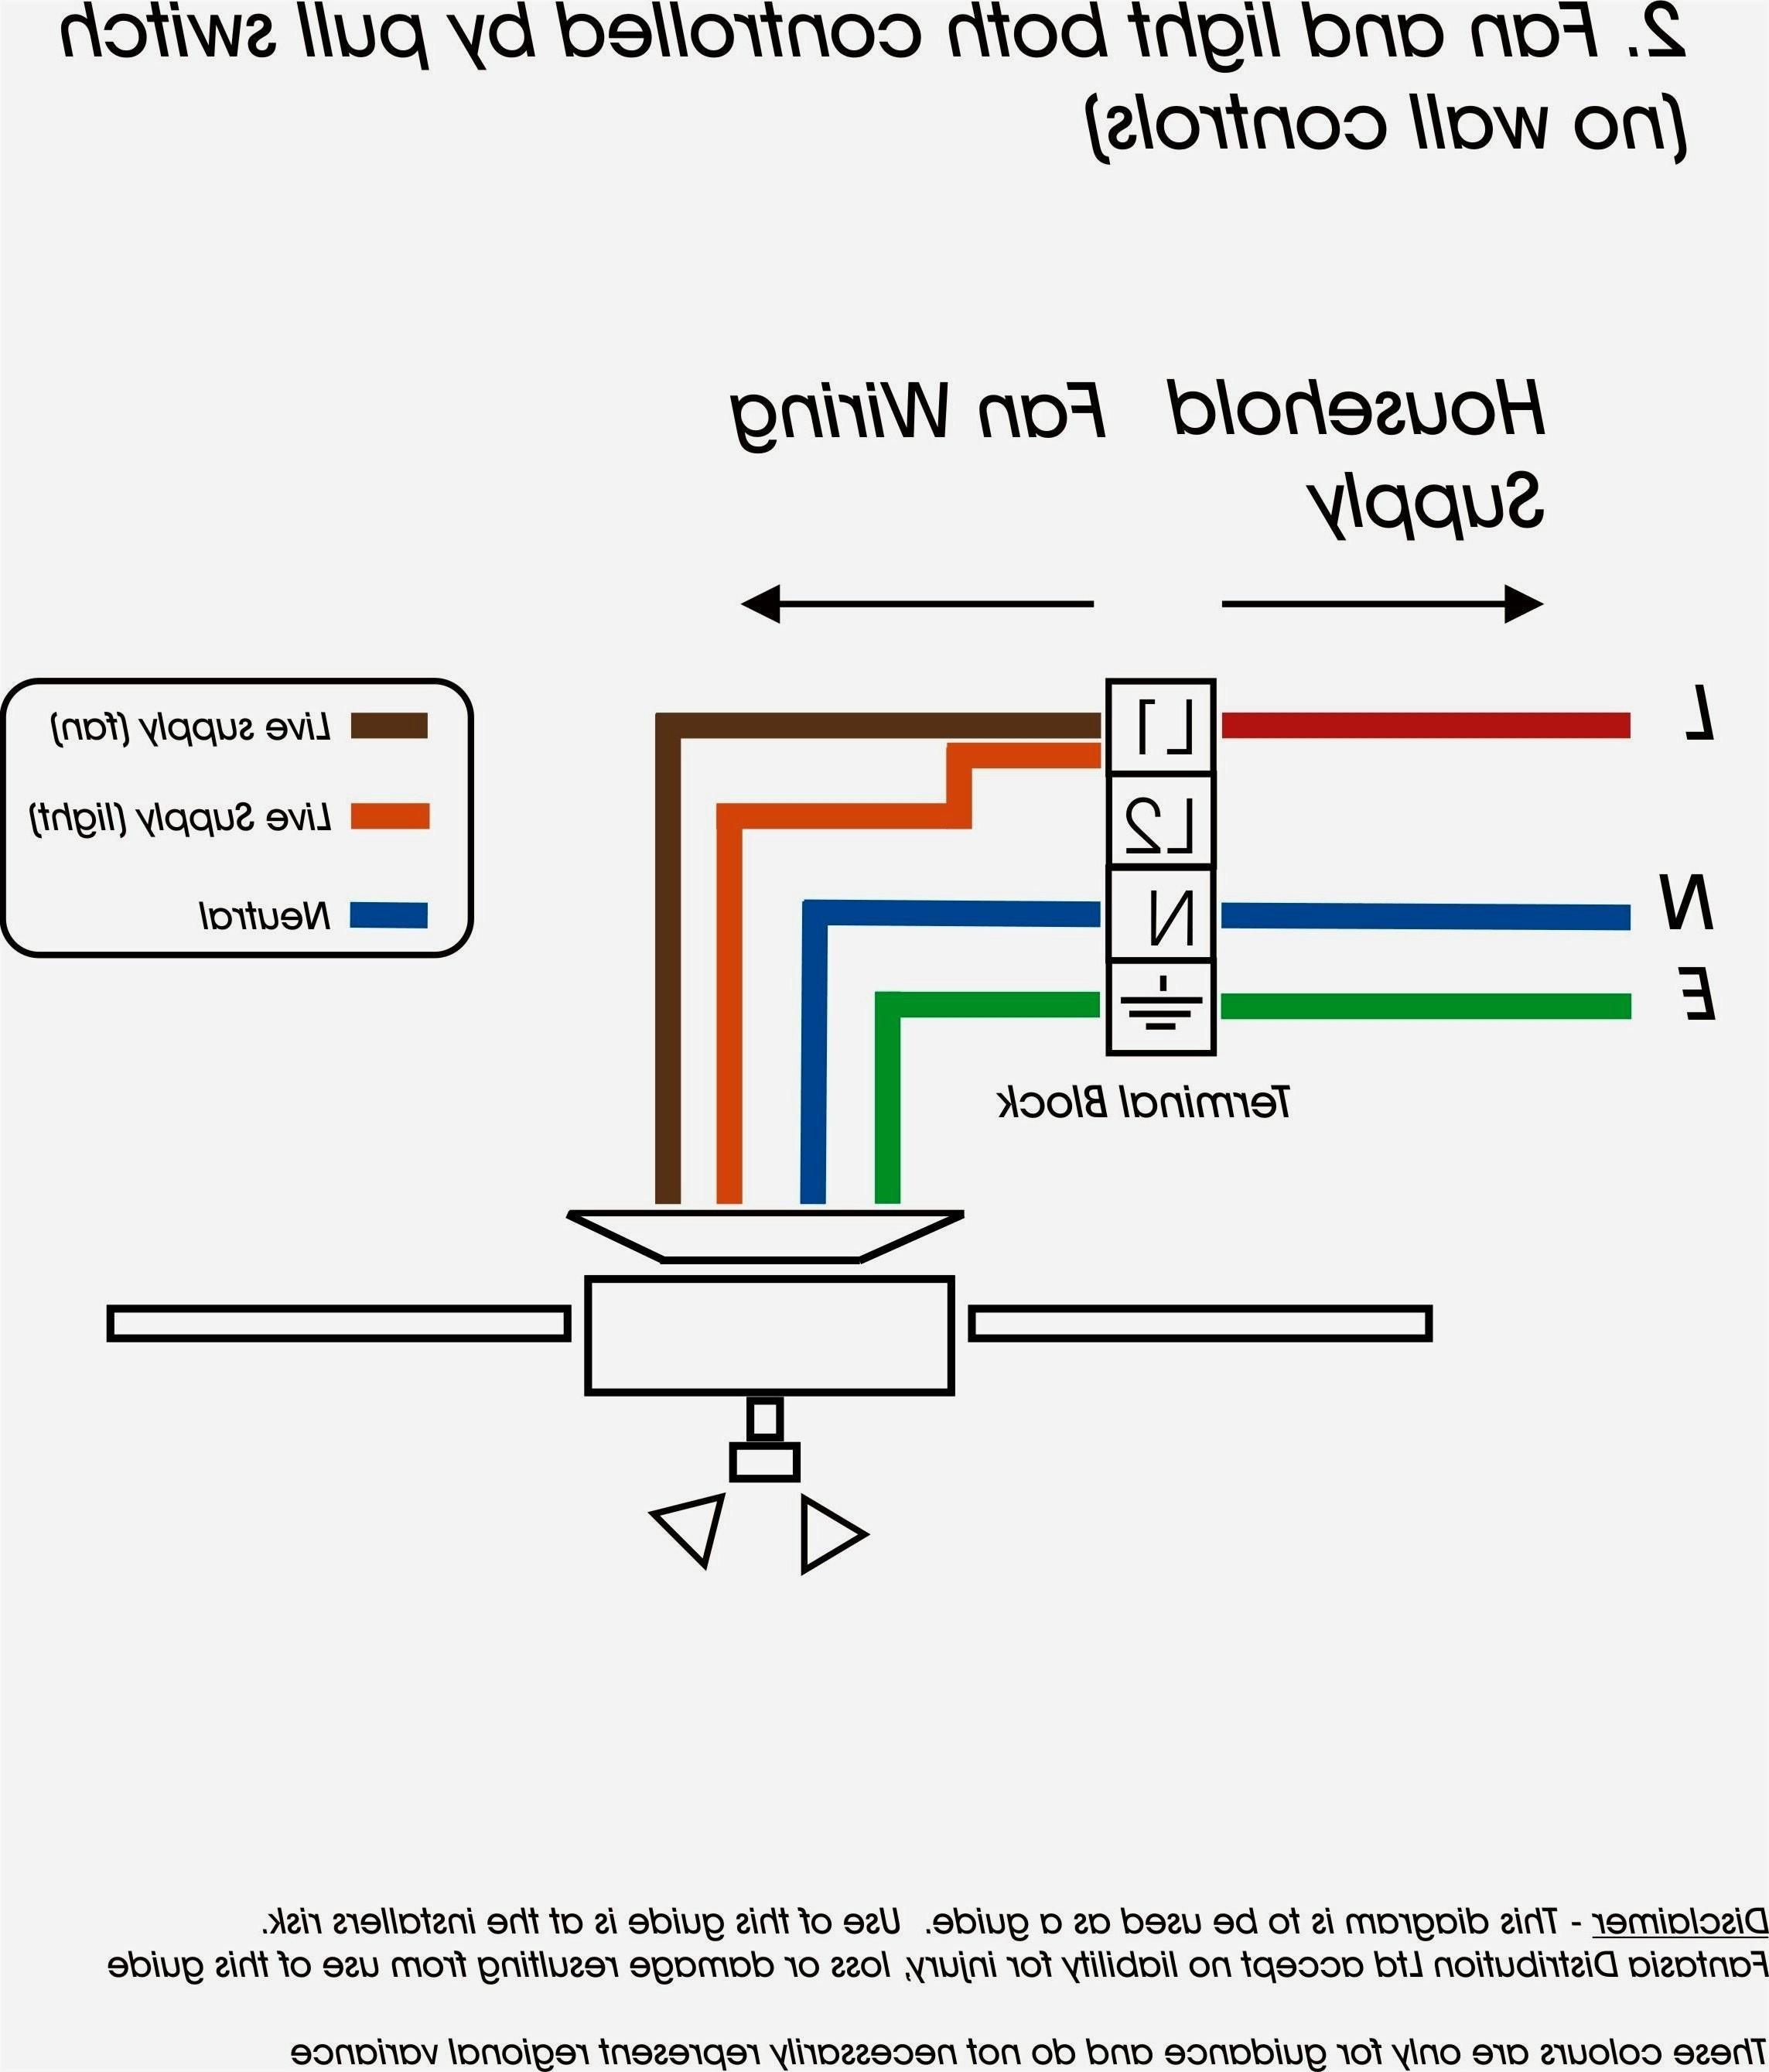 Guitar Wiring Diagram Schecter V7 Schematics Data Bass Ibanez Gio